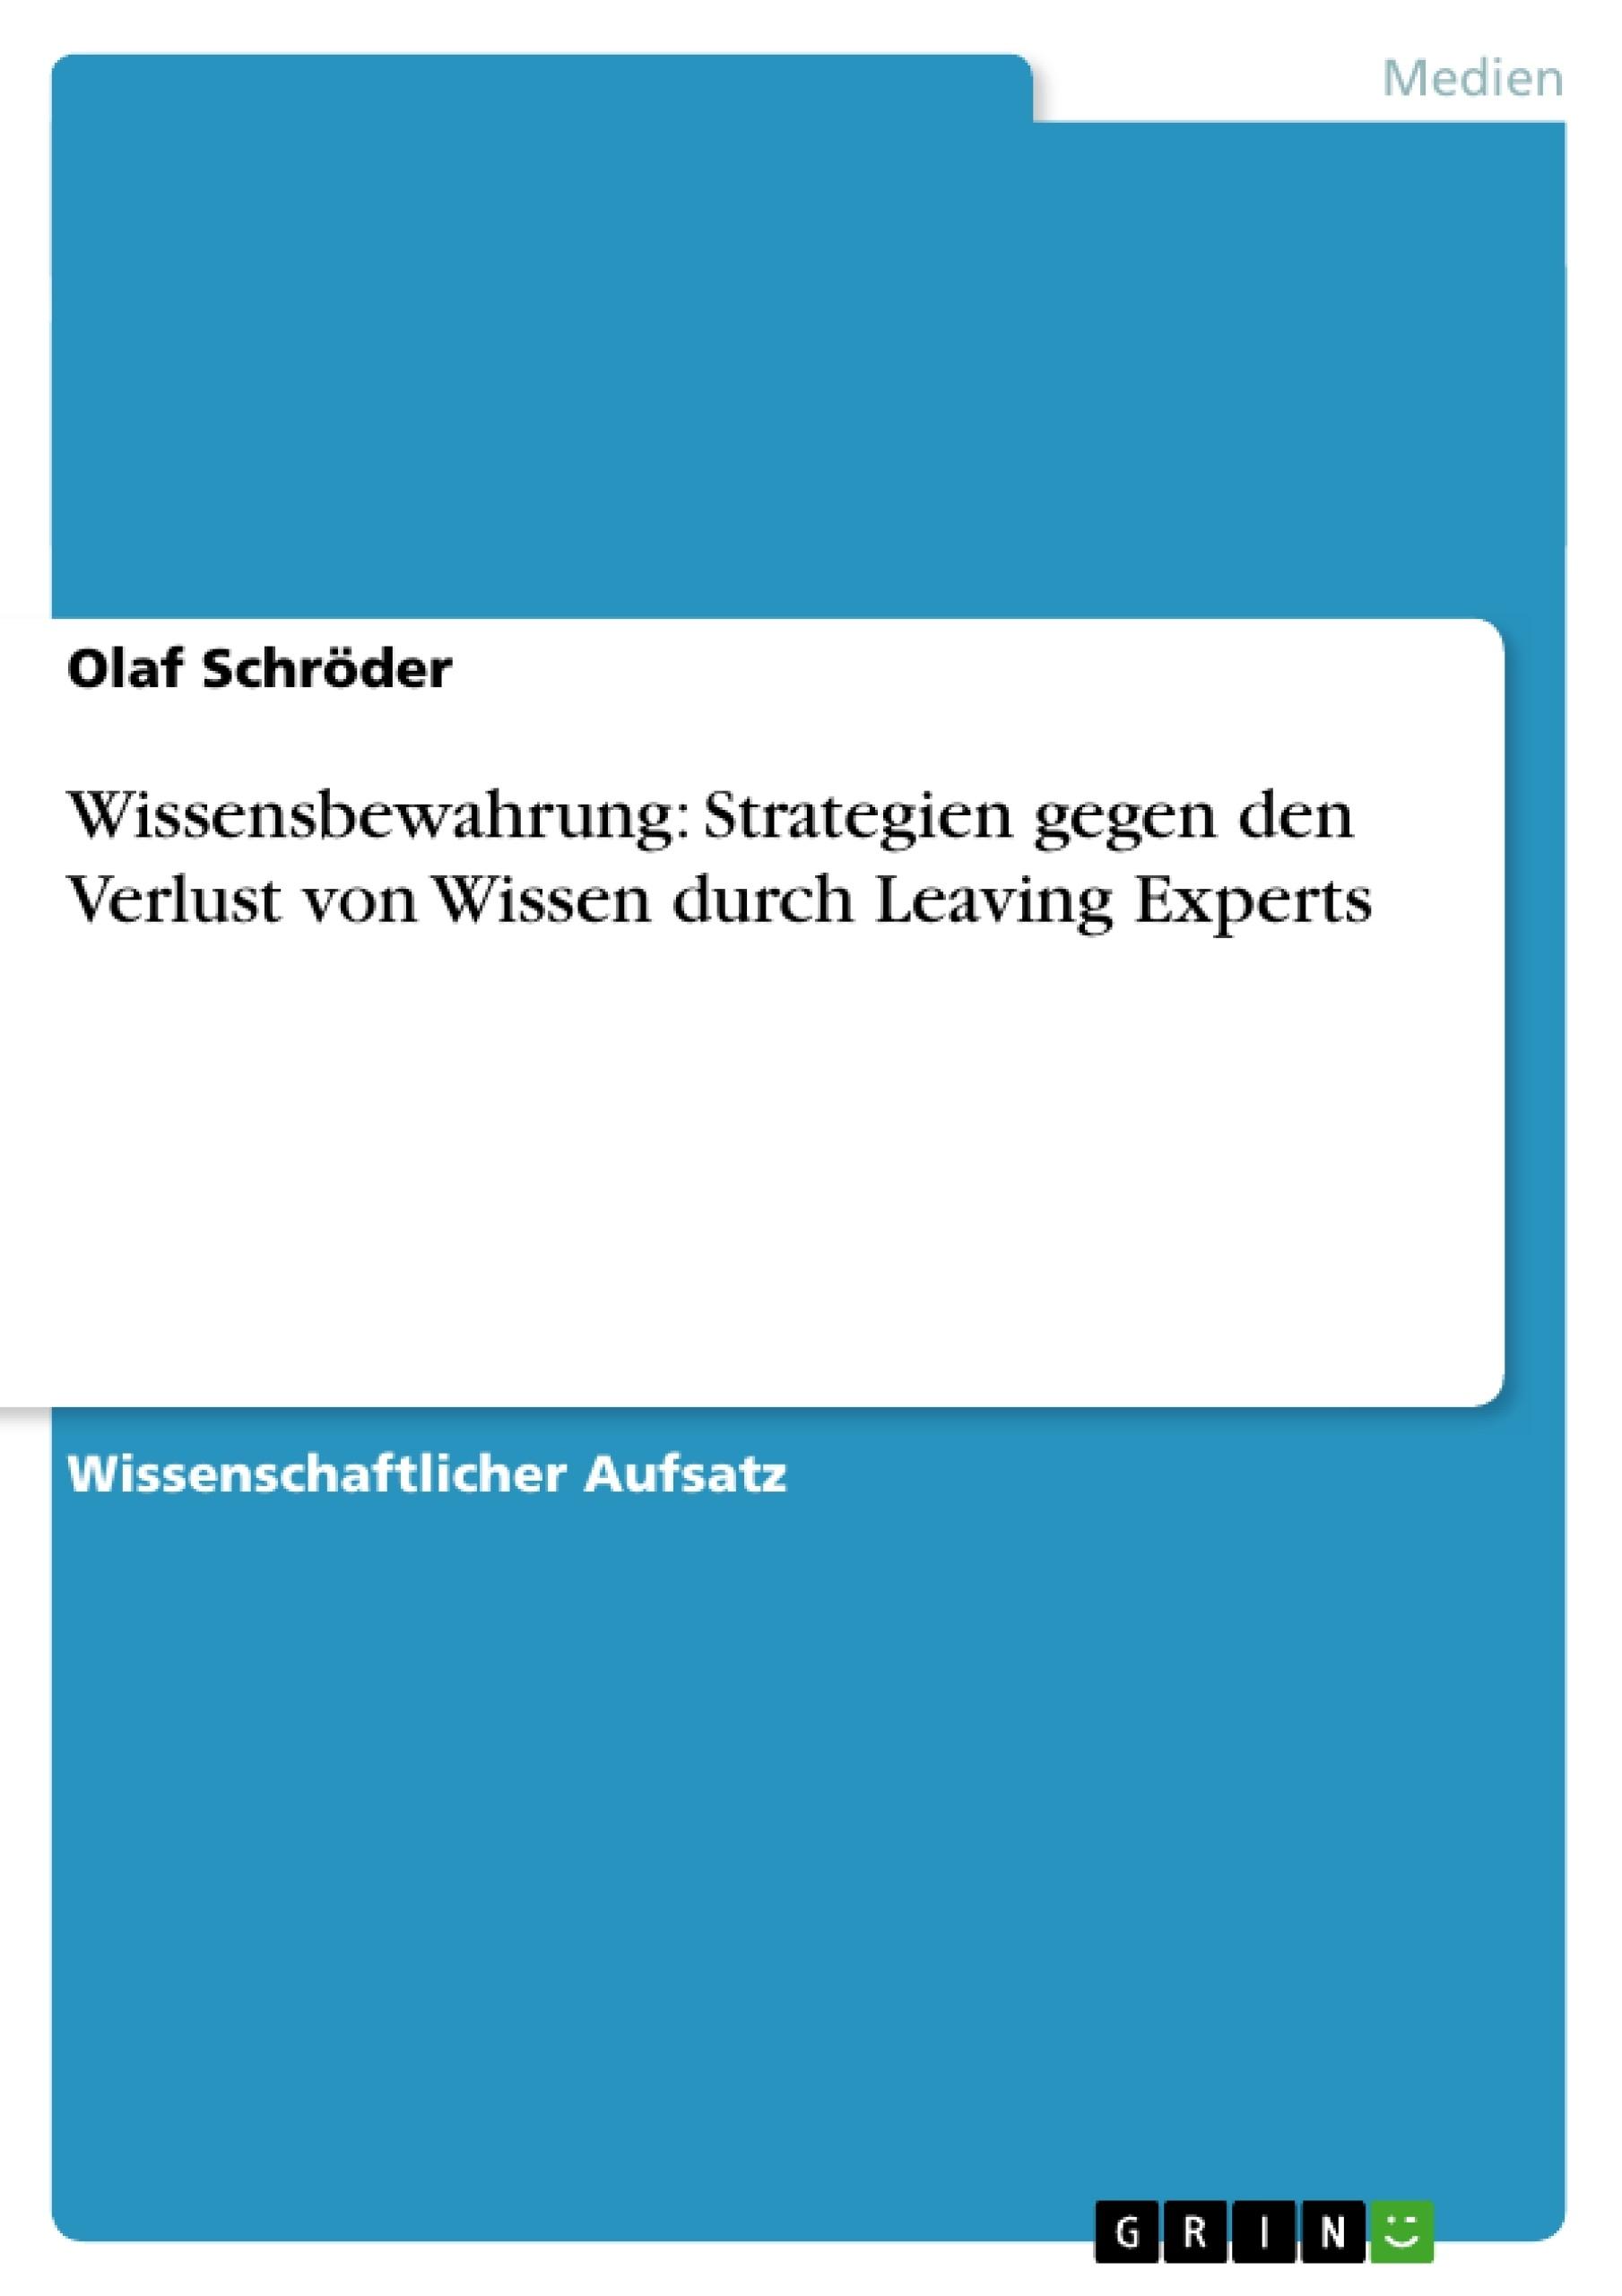 Titel: Wissensbewahrung: Strategien gegen den Verlust von Wissen durch Leaving Experts